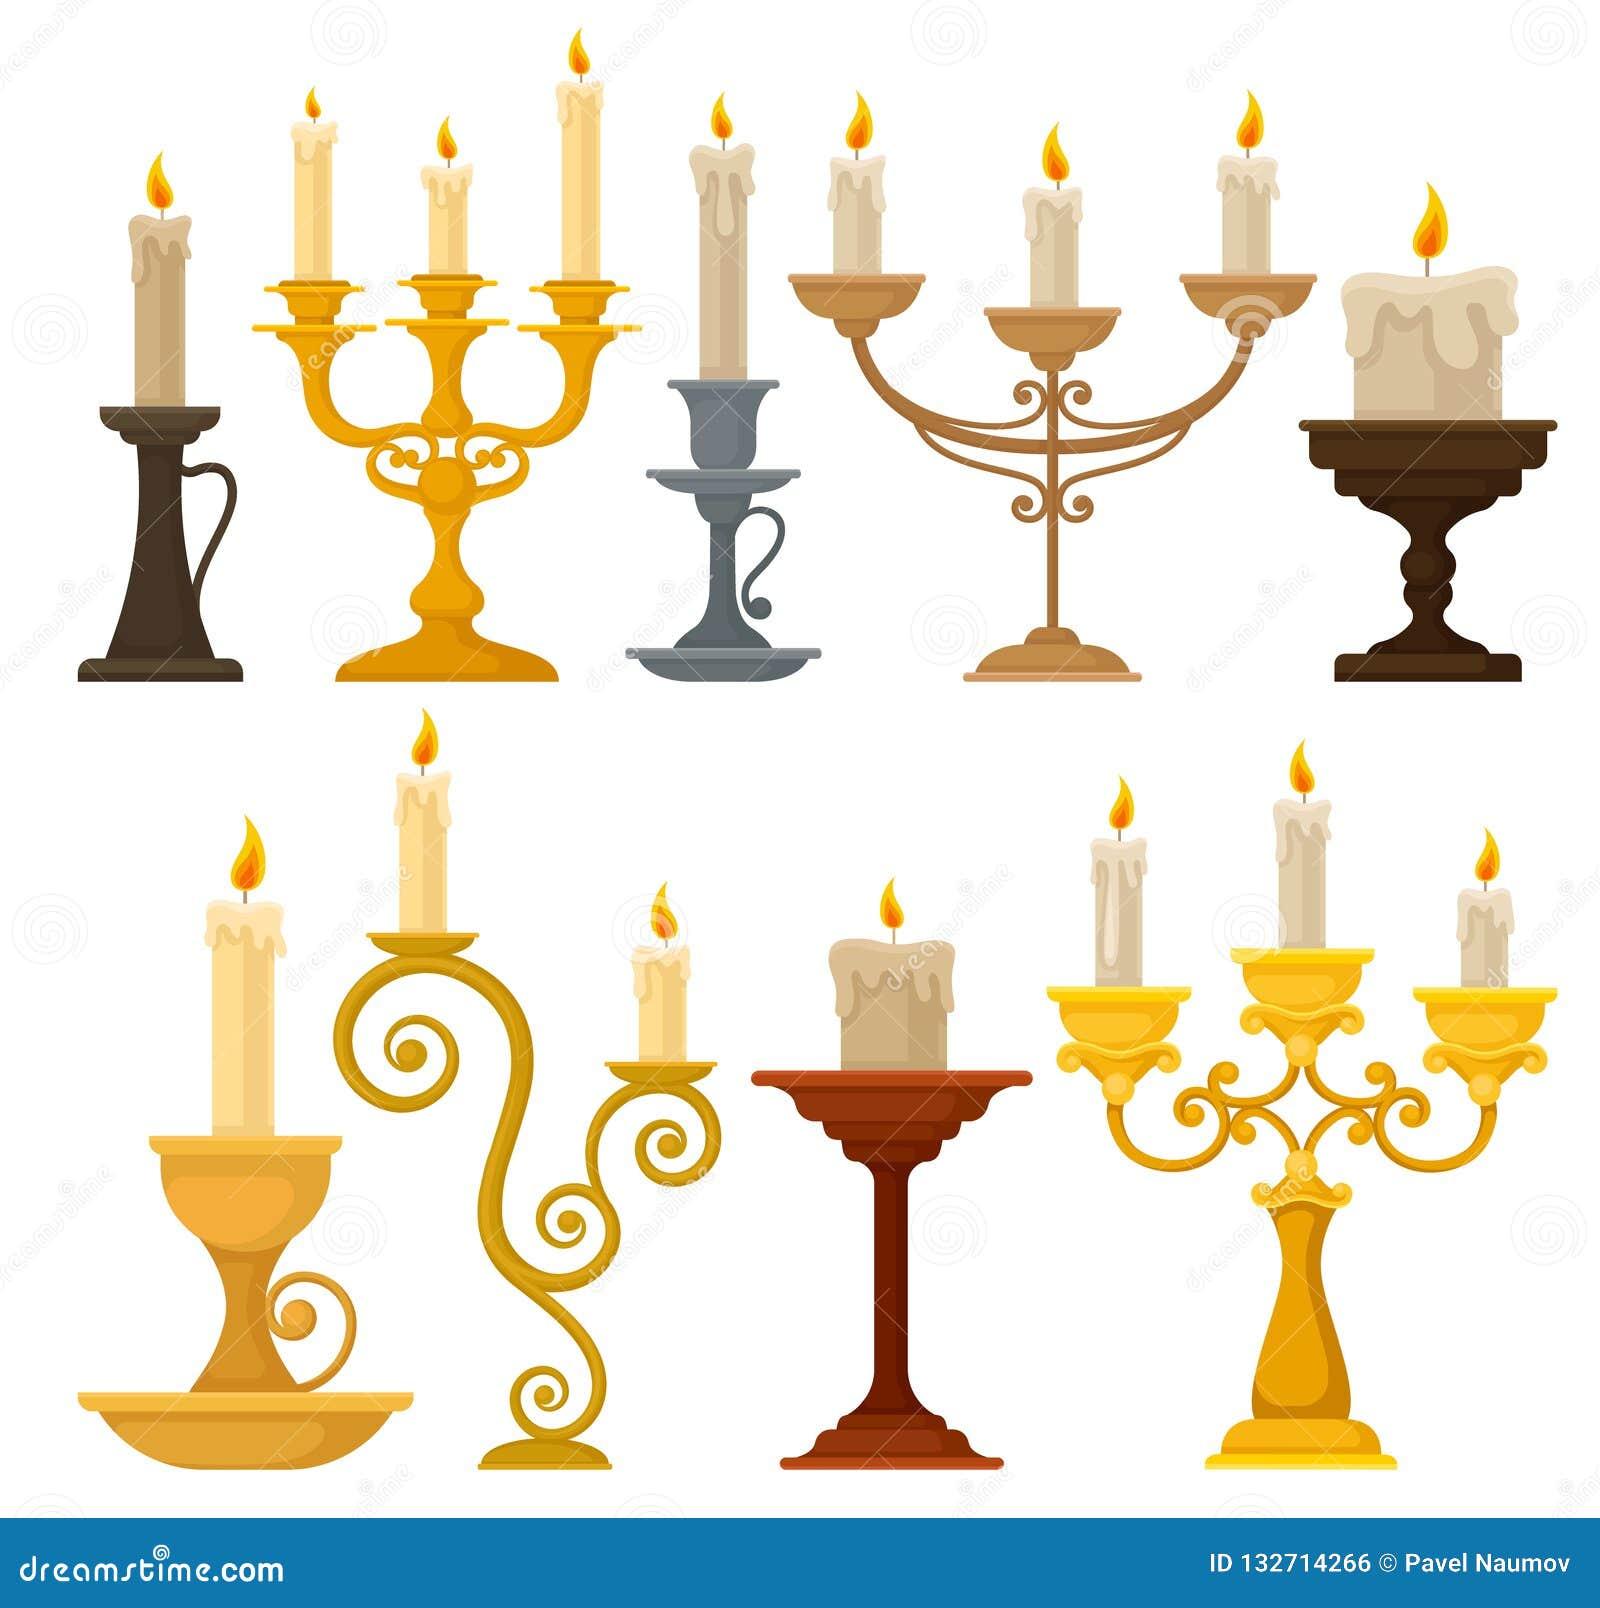 Samling av stearinljus i ljusstakar, tappningstearinljushållare och kandelabervektorillustration på en vit bakgrund